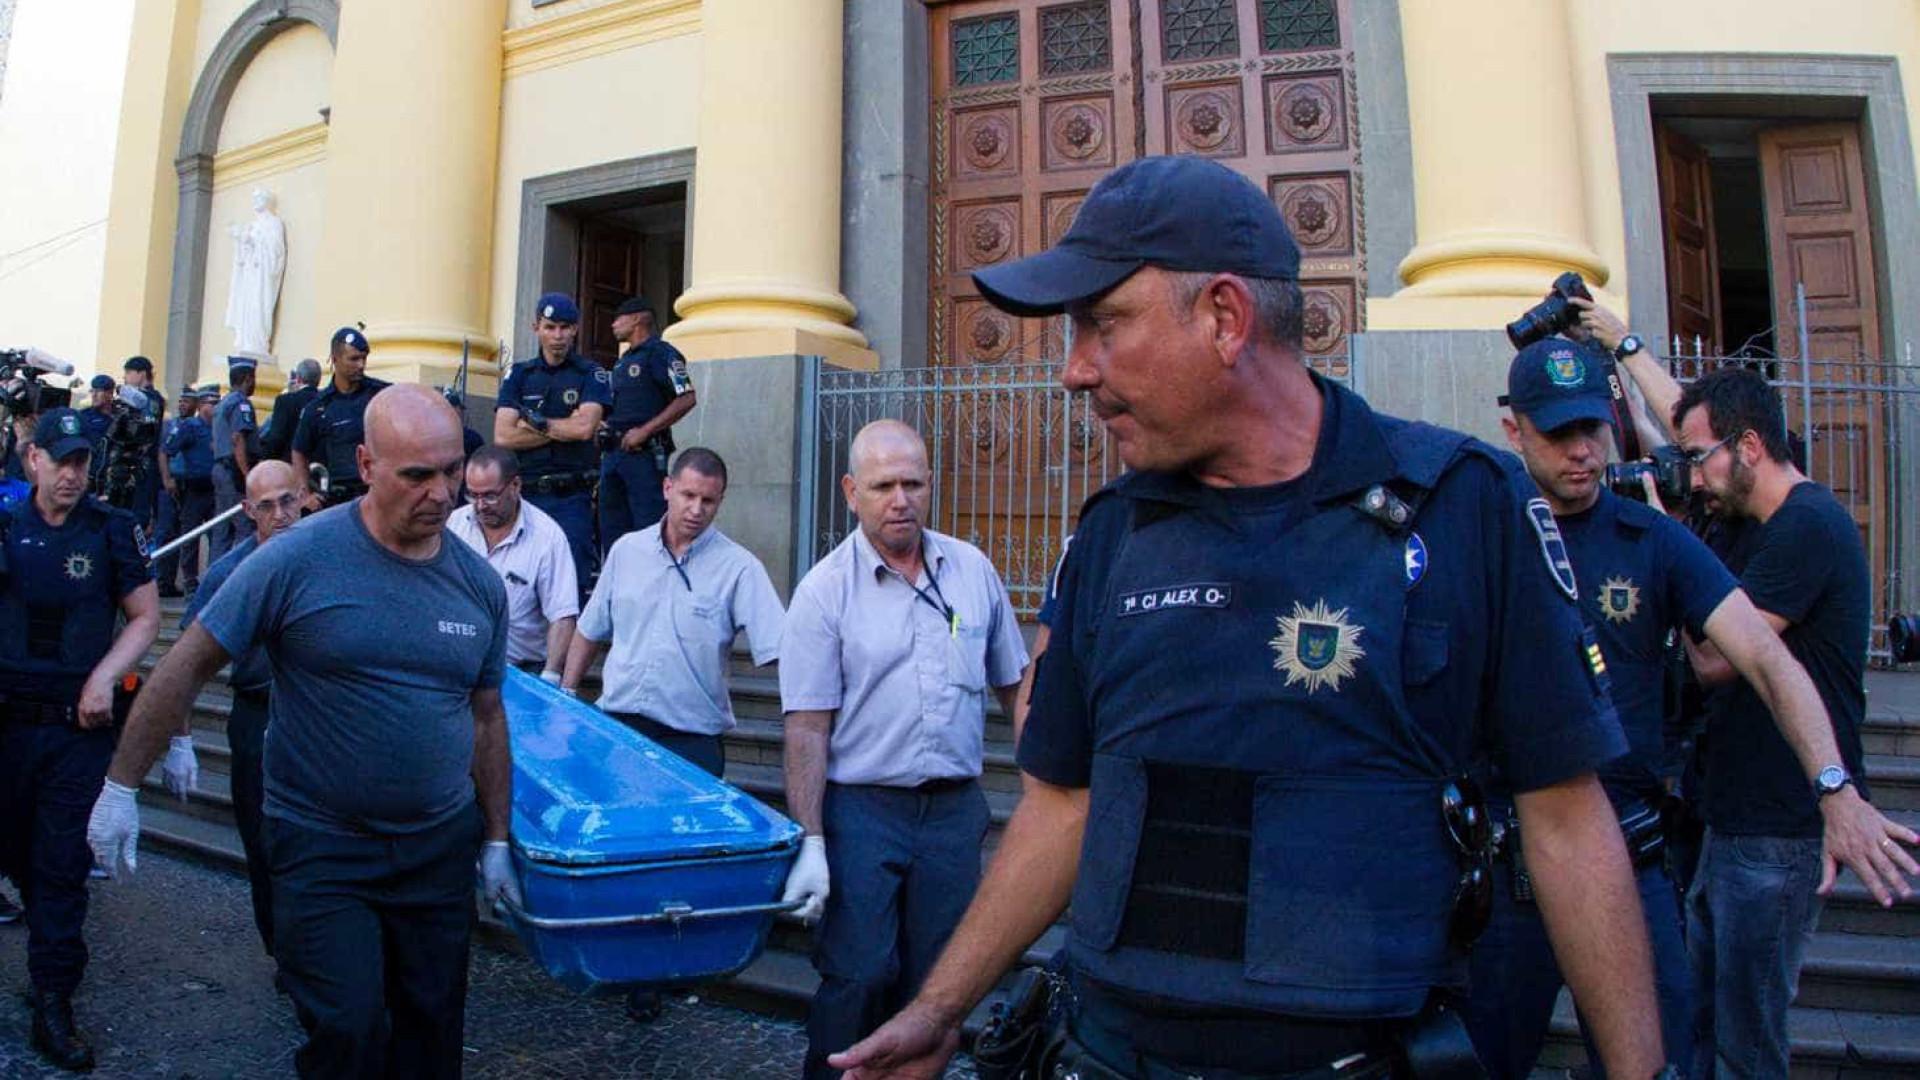 c1c5547ebd Saiba quem são os cinco mortos no ataque da catedral de Campinas